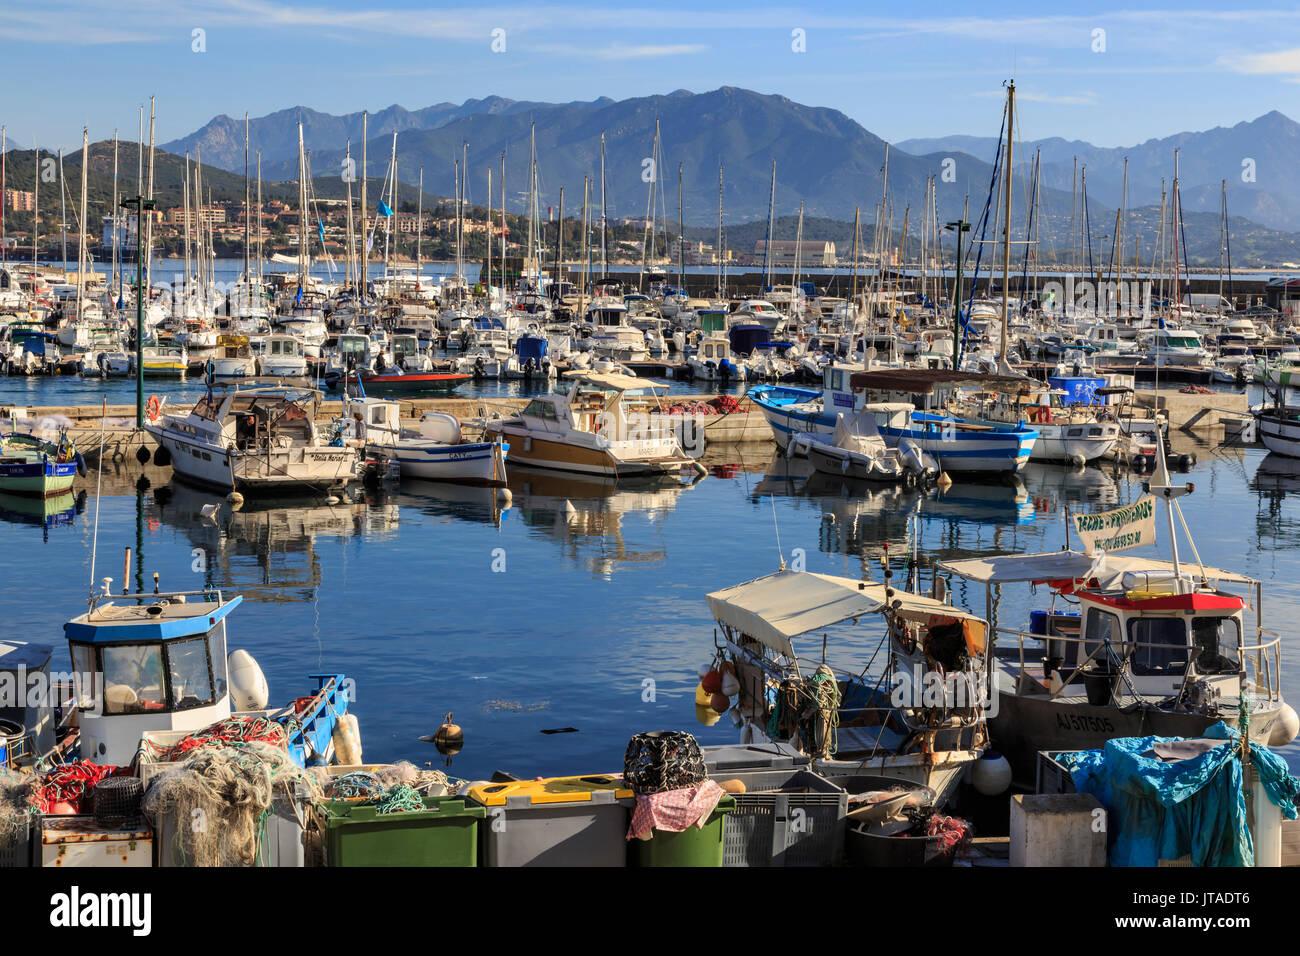 Antiguo puerto de barcos de pesca y yates, vista a las montañas distantes, Ajaccio, Isla de Córcega, Francia, el Mediterráneo, Europa Imagen De Stock